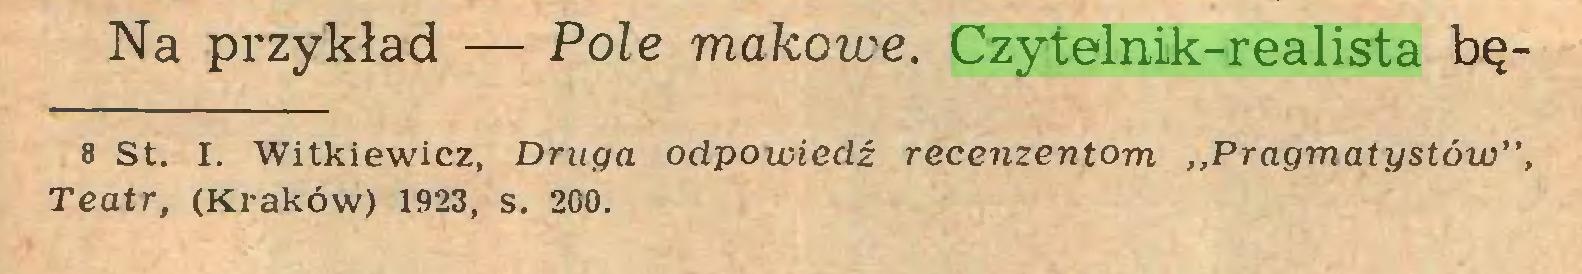 """(...) Na przykład — Pole makowe. Czytelnik-realista bę8 st. I. Witkiewicz, Druga odpowiedź recenzentom ,,Pragmatystów"""", Teatr, (Kraków) 1923, s. 200..."""